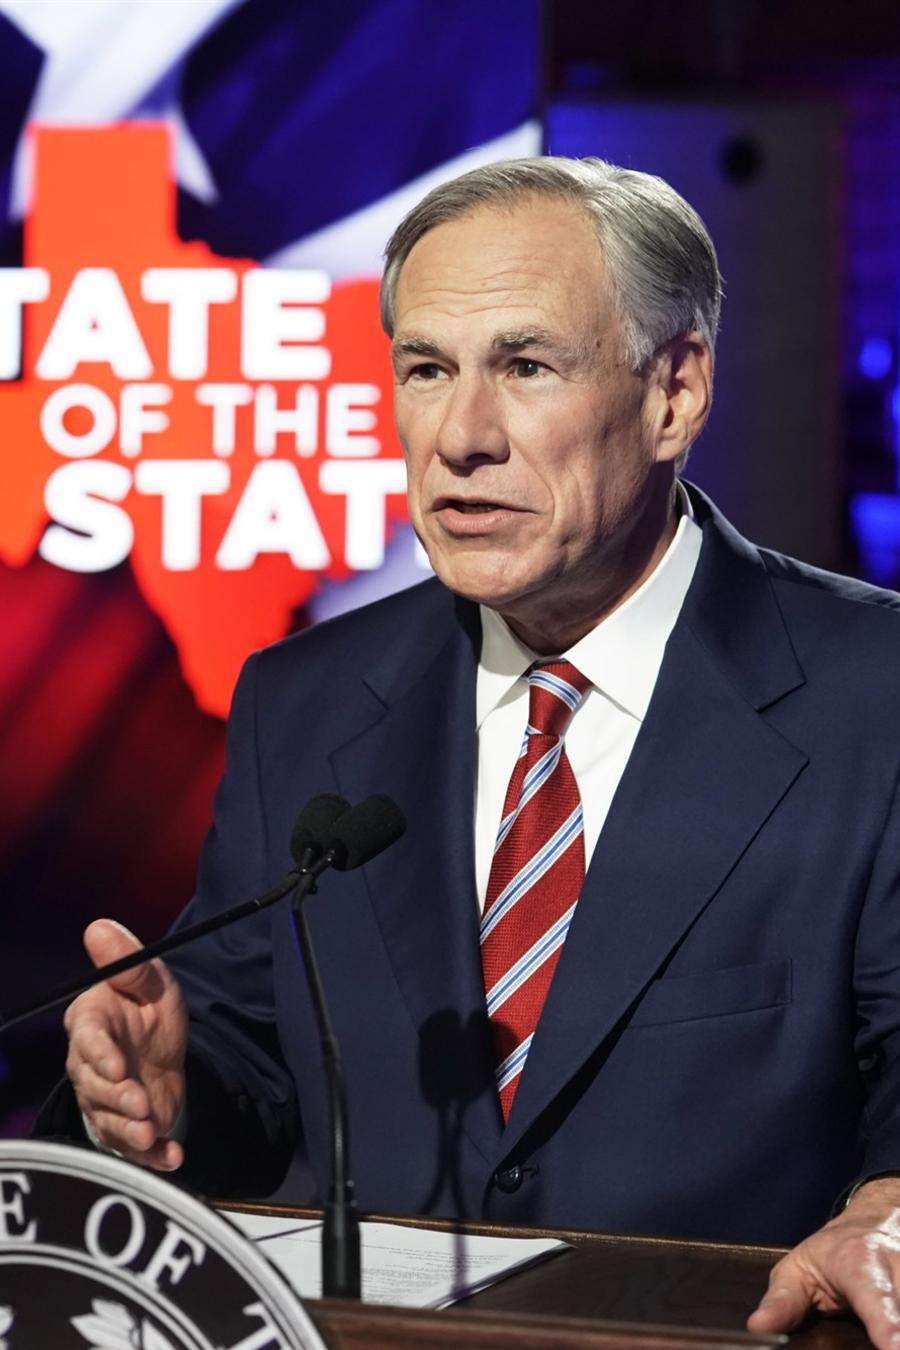 El gobernador de Texas, Greg Abbott, levantará las restricciones contra el COVID-19 en el estado a partir del 10 de marzo de 2021.